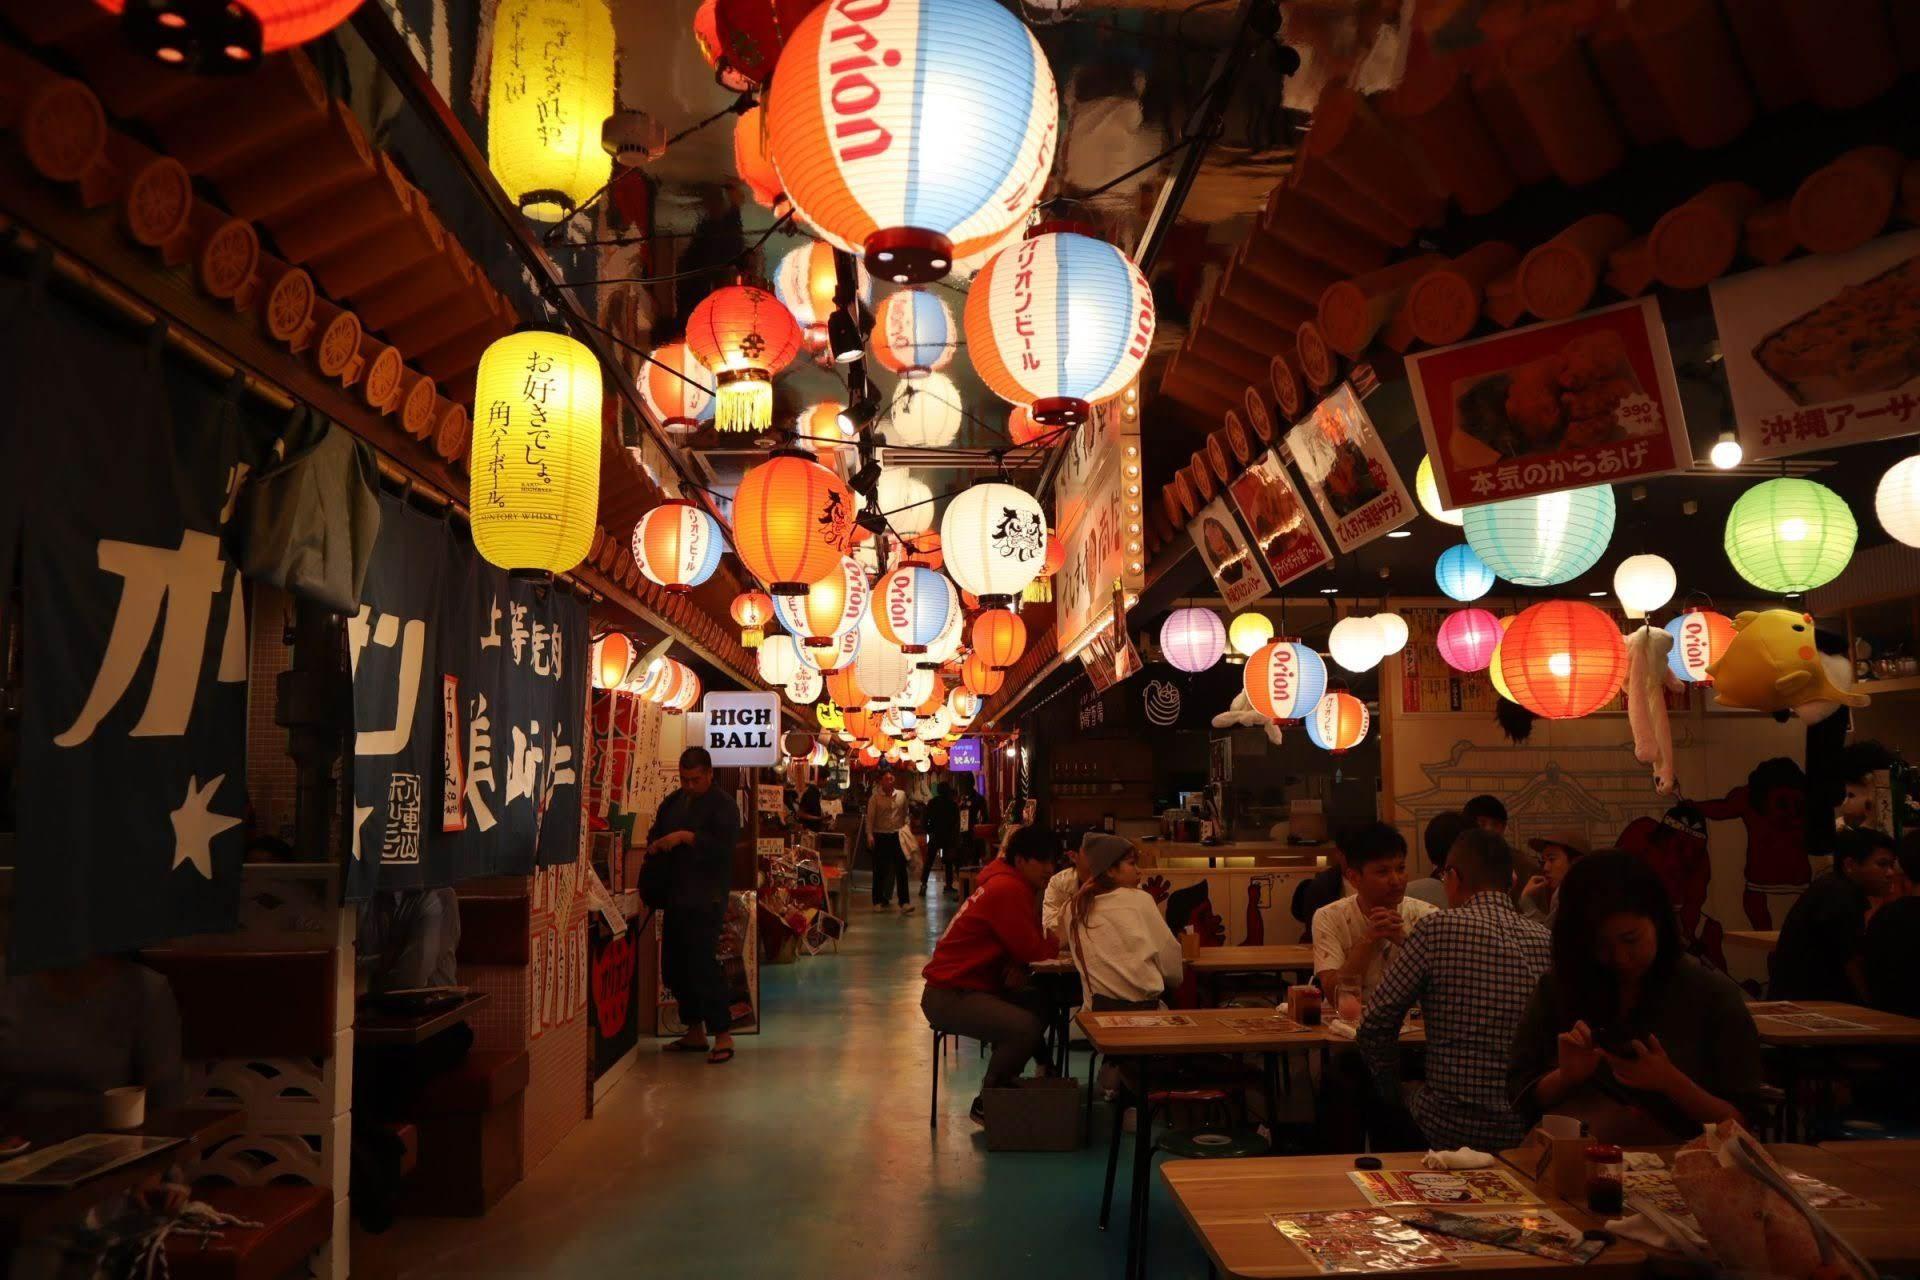 沖縄国際通りのれん街 那覇 夜 ご飯 おすすめ ディナー 沖縄 グルメ